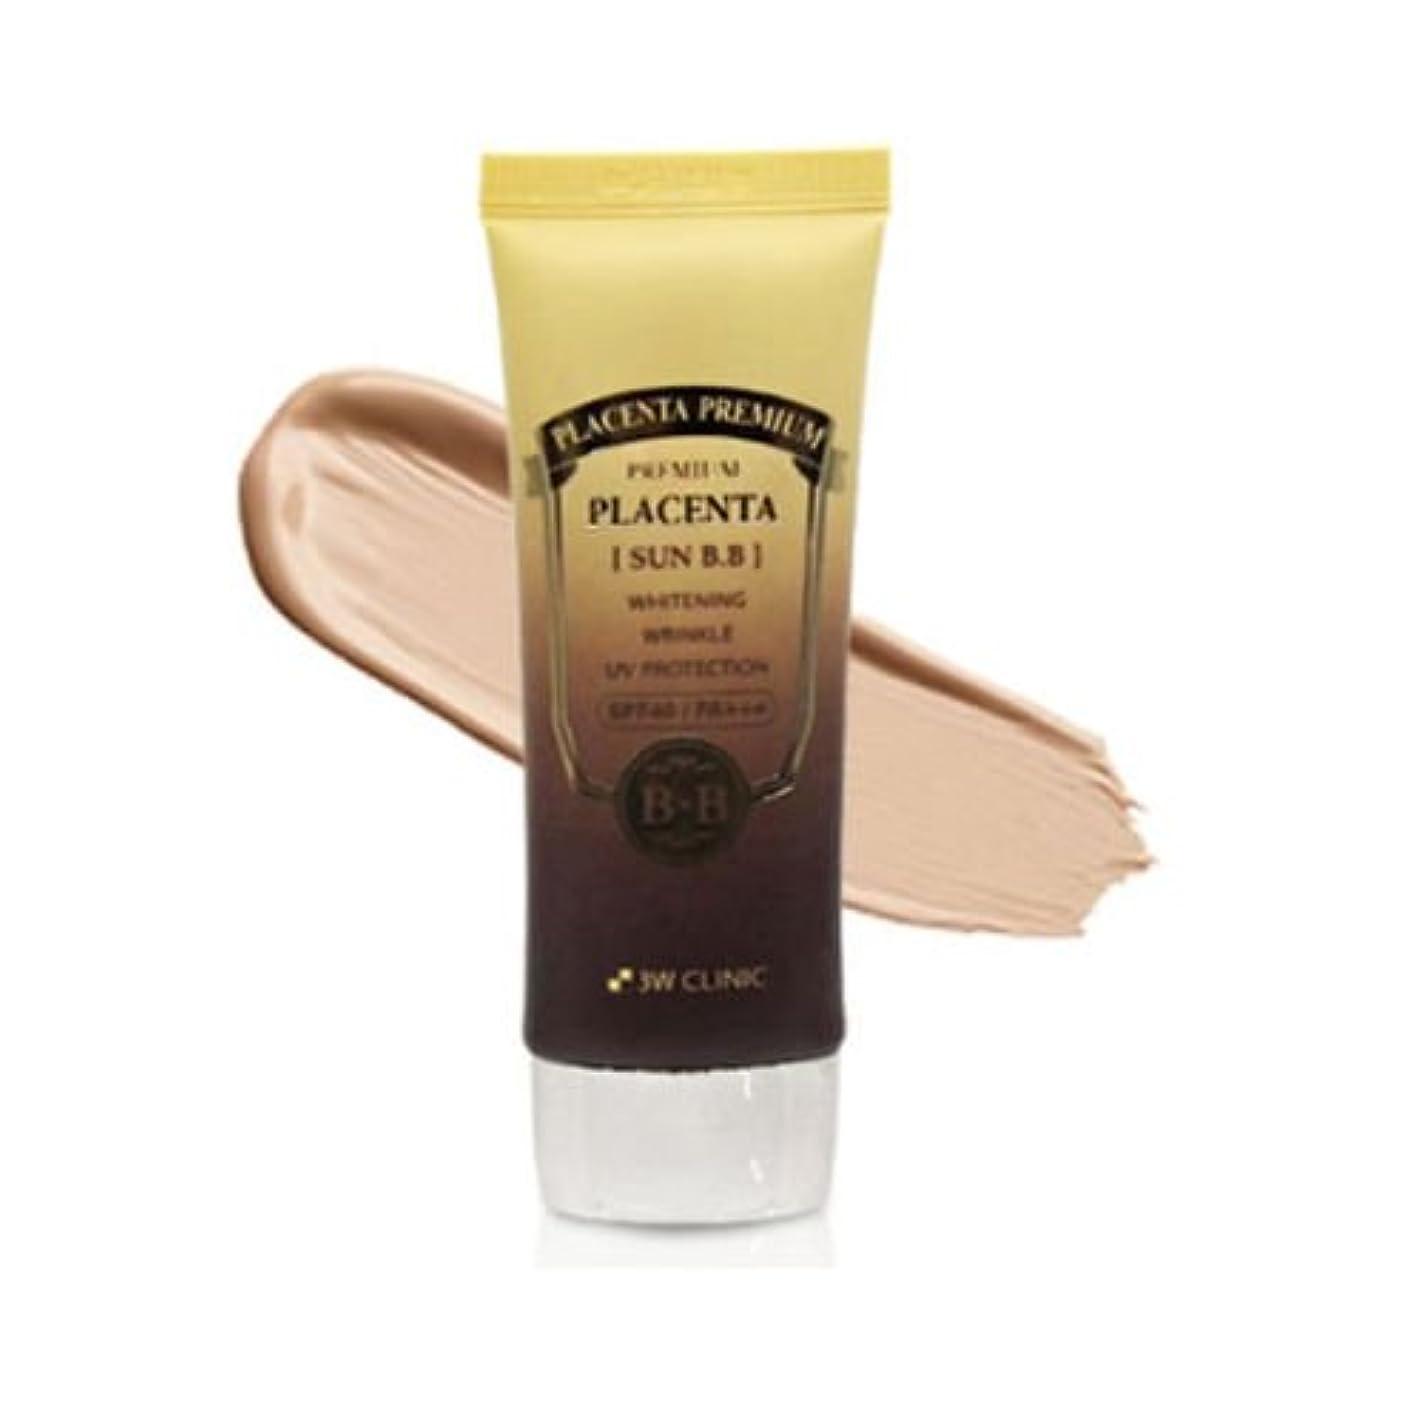 平凡先史時代の衝動3Wクリニック[韓国コスメ3w Clinic]Premium Placenta Sun BB Cream プレミアムプラセンタサンBBクリーム70ml SPF40 PA+++ UV しわ管理[並行輸入品]